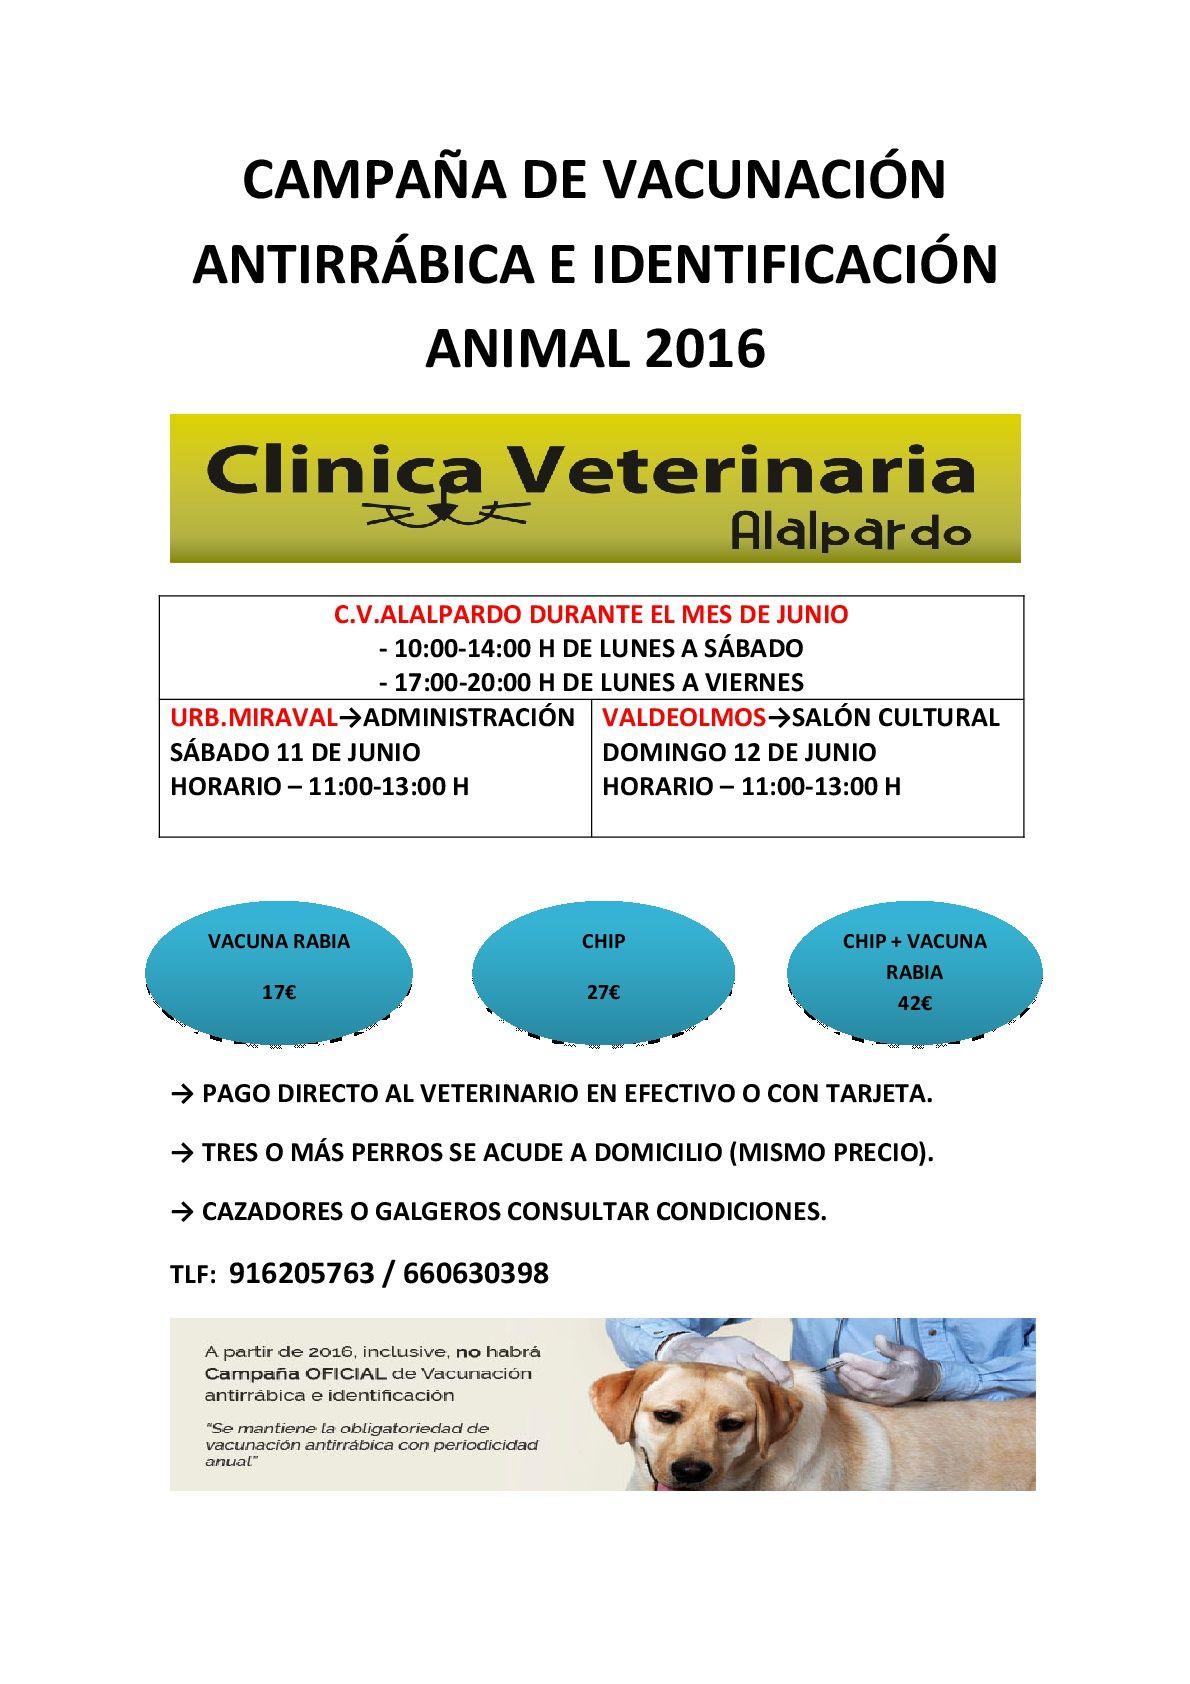 CAMPAÑA DE VACUNACIÓN ANTIRRÁBICA E IDENTIFICACIÓN ANIMAL 2016-001